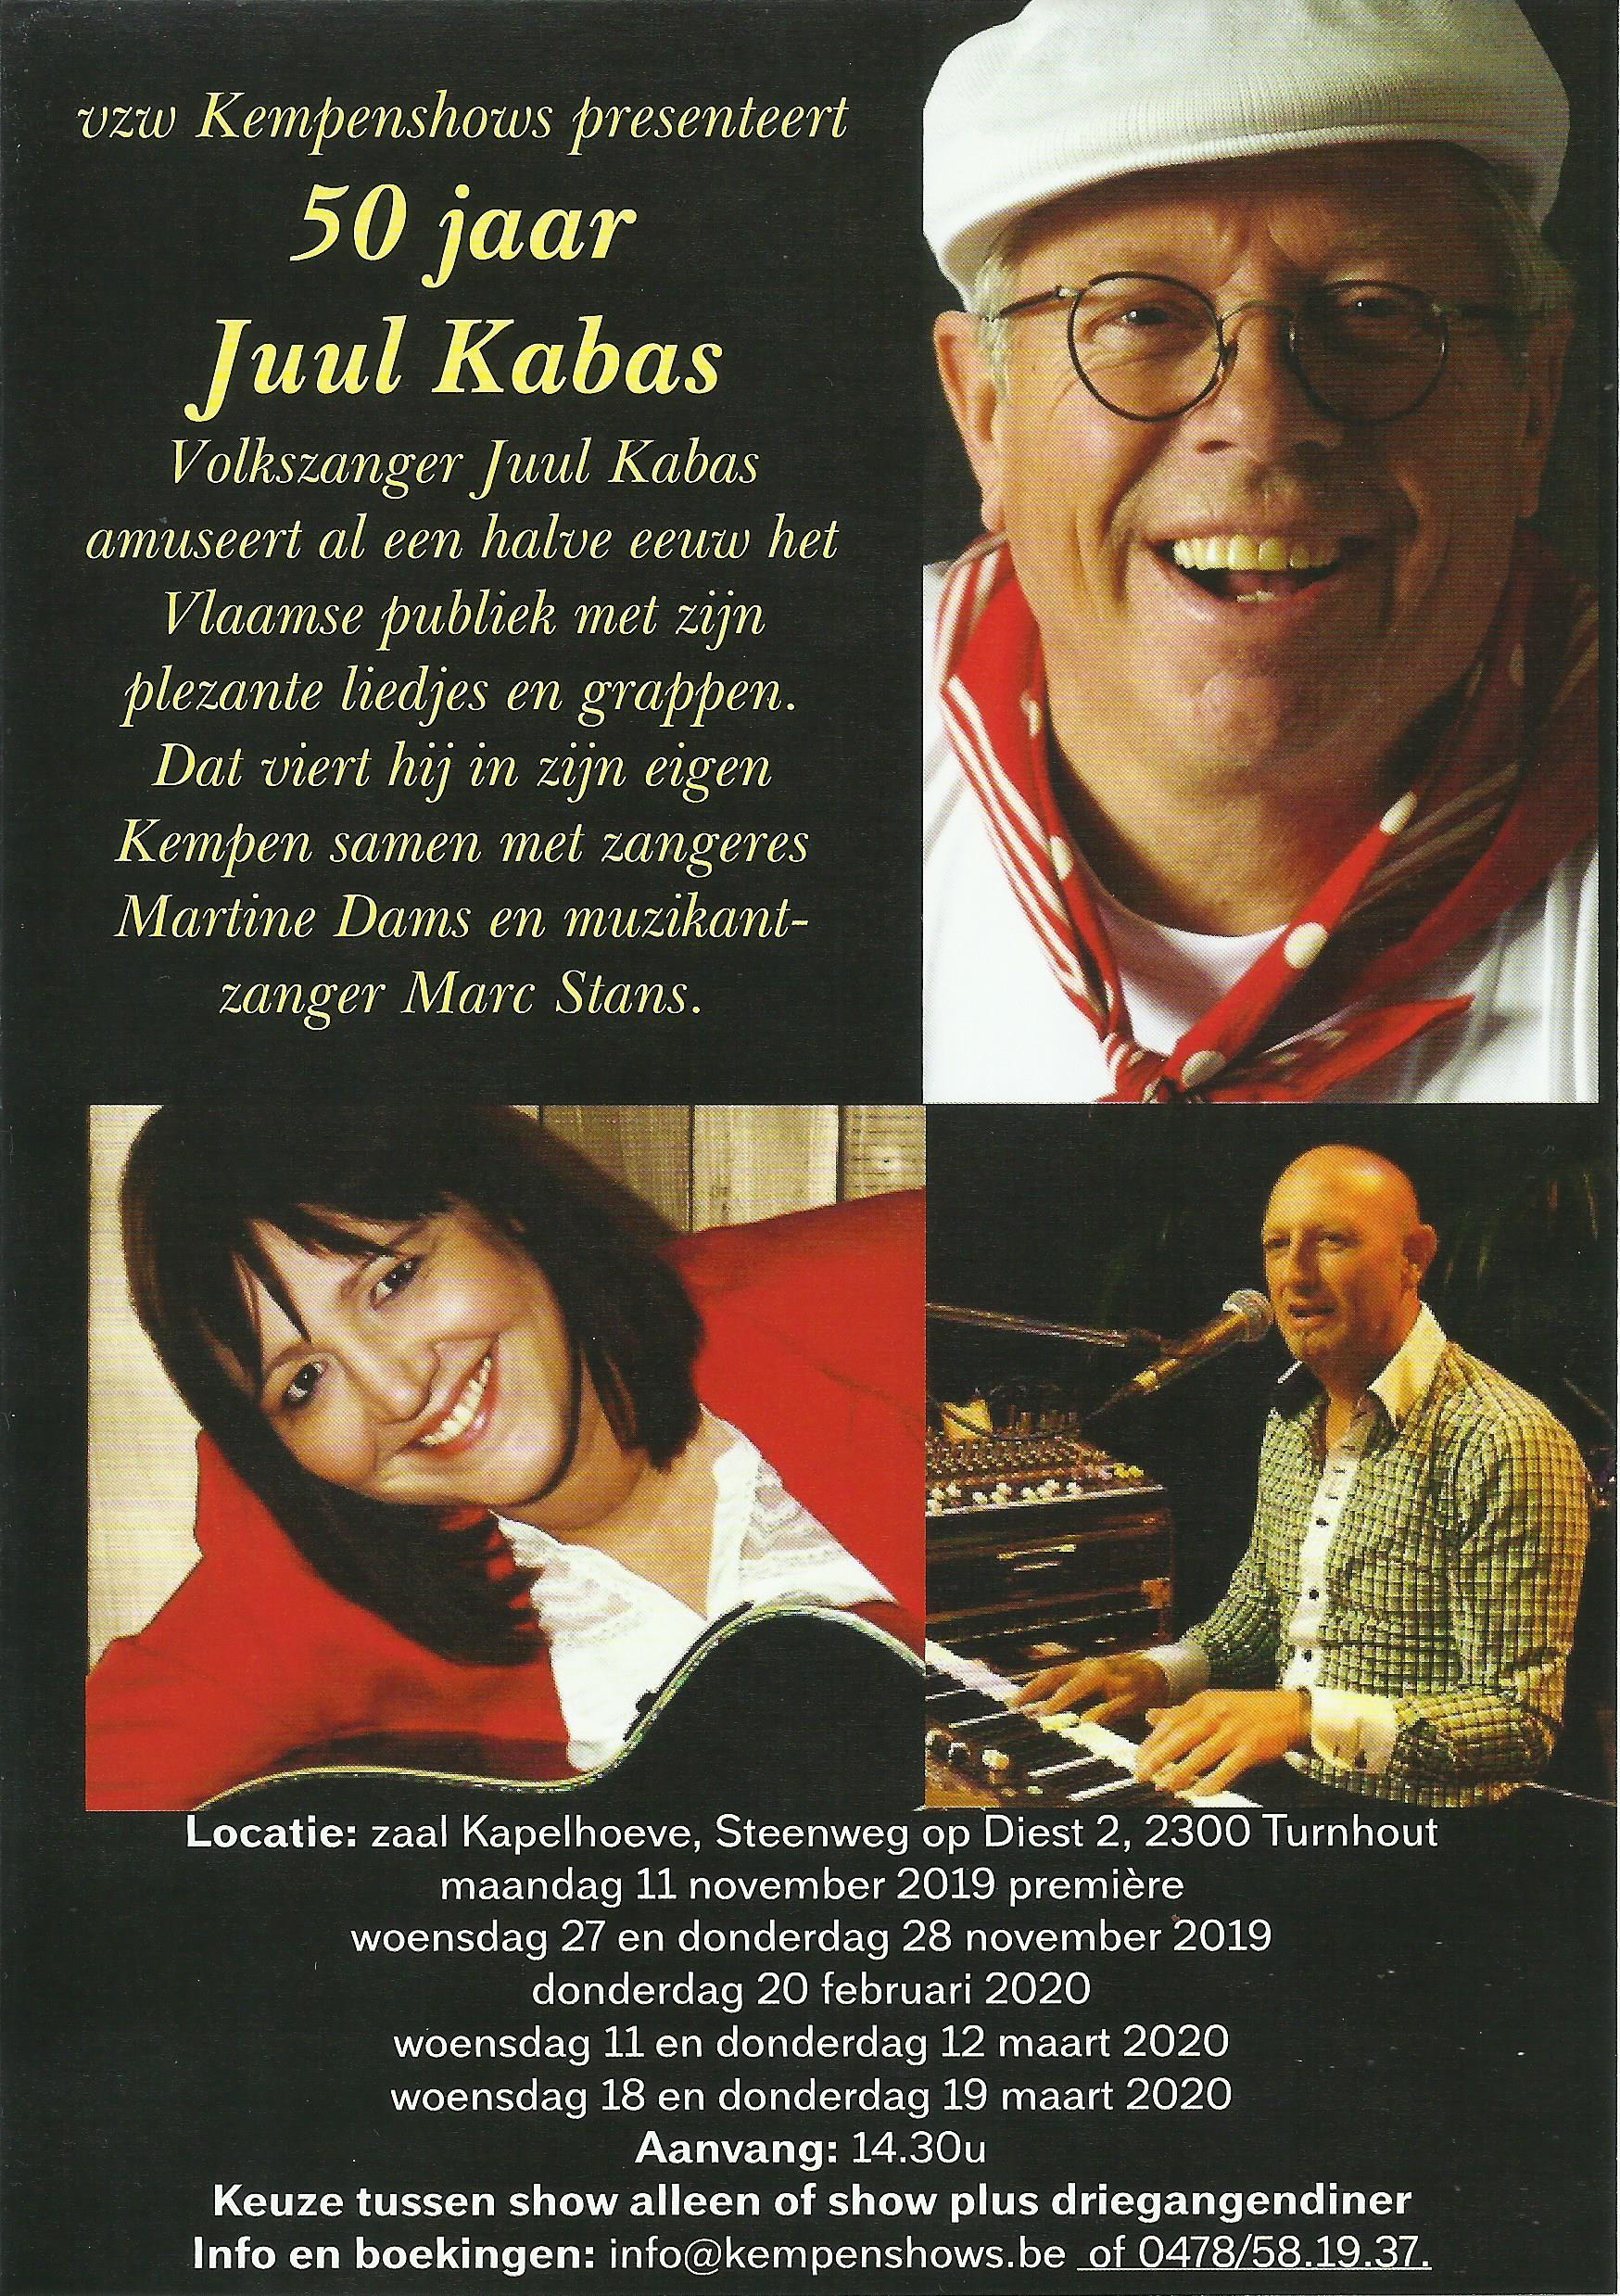 50 jaar Juul Kabas